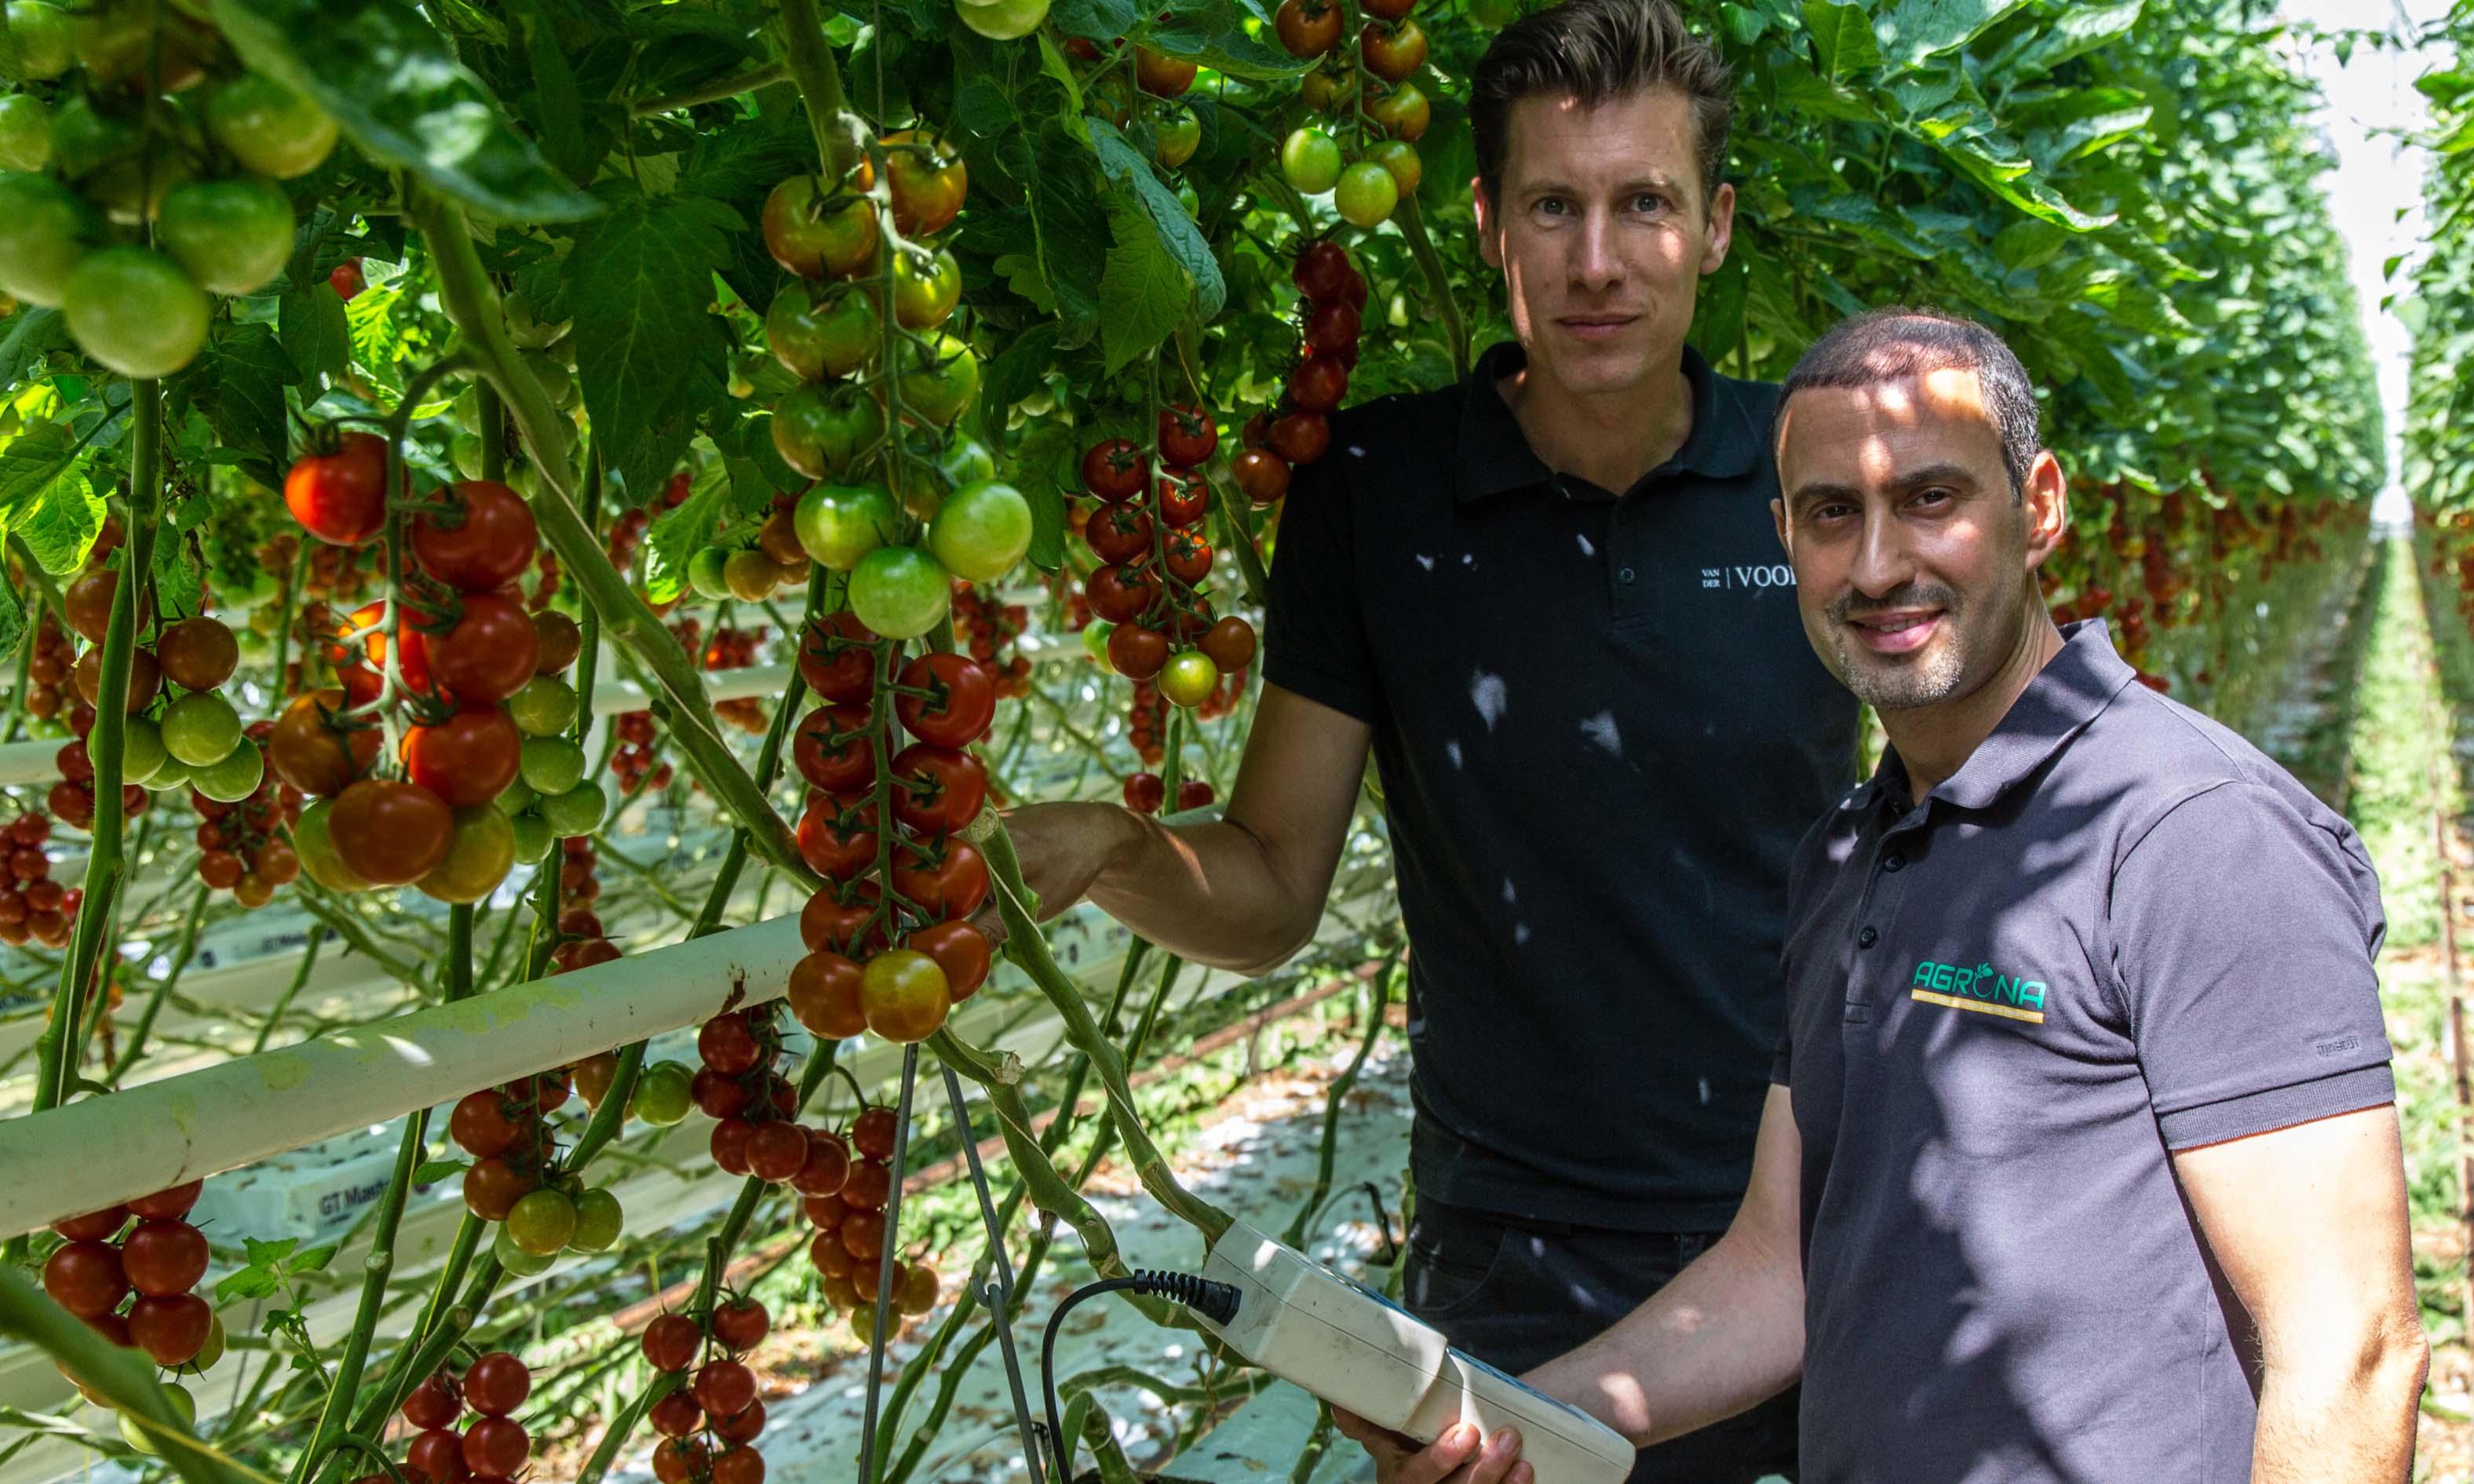 Van der Voort Tomaten in Vierpolders gebruikt een waterbehandelingssysteem dat het zuurstofniveau in de mat permanent optimaal houdt.